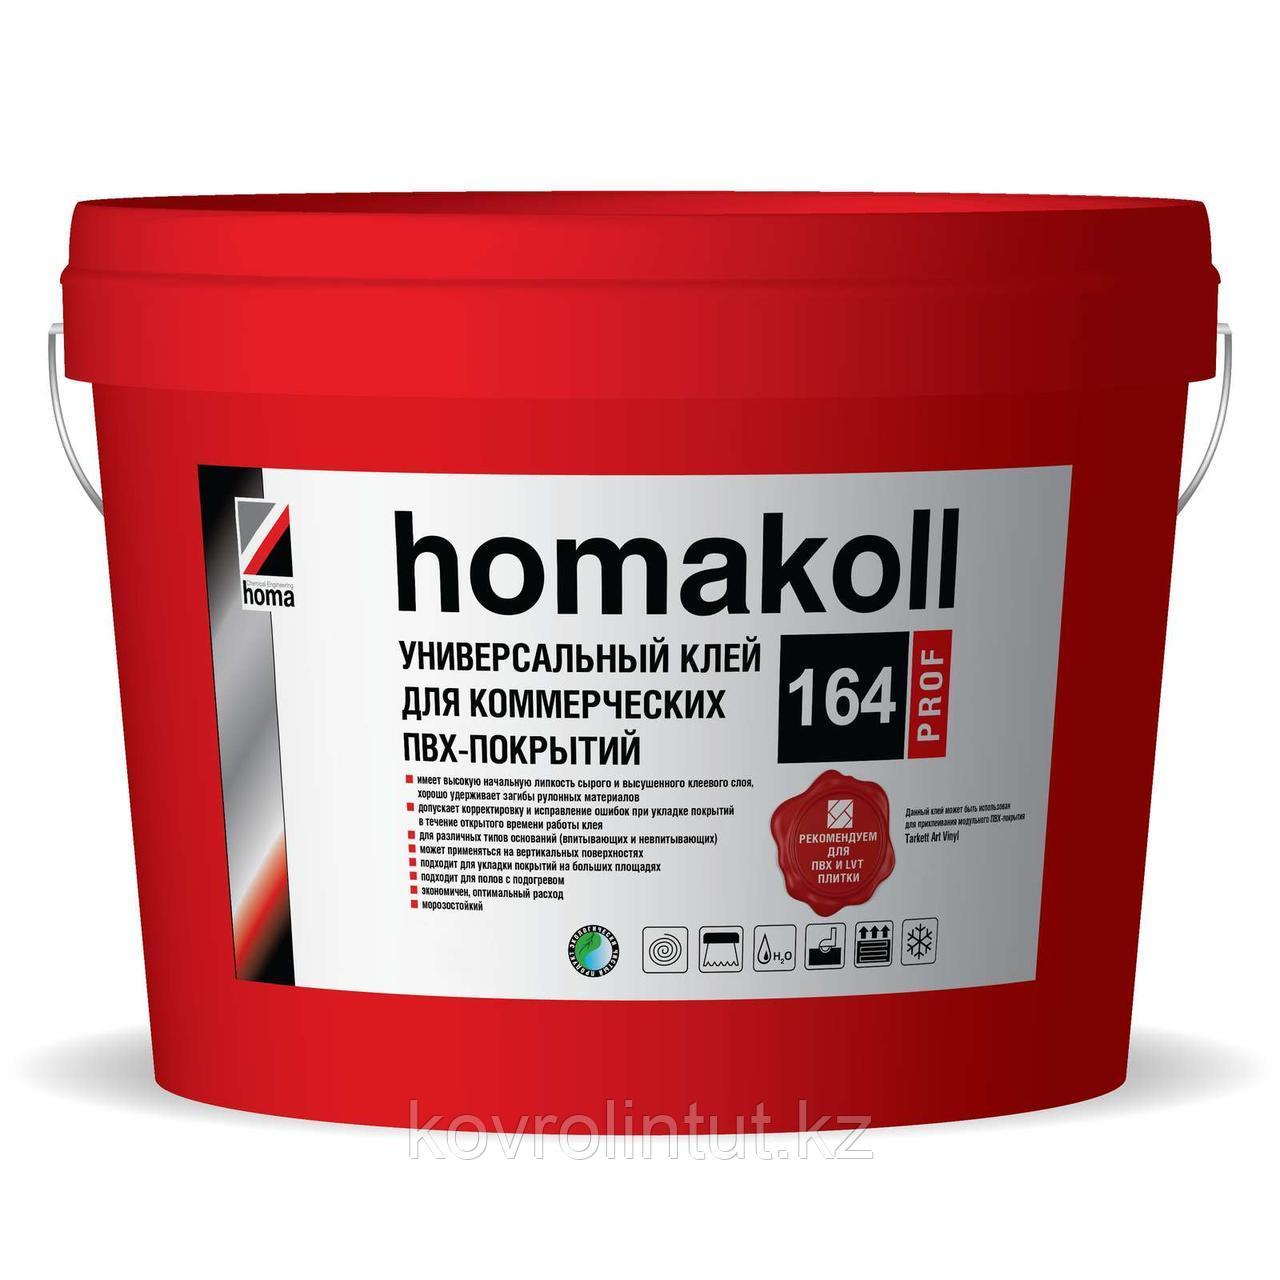 Клей Homakoll 164 Prof для коммерческих гибких покрытий, 20 кг